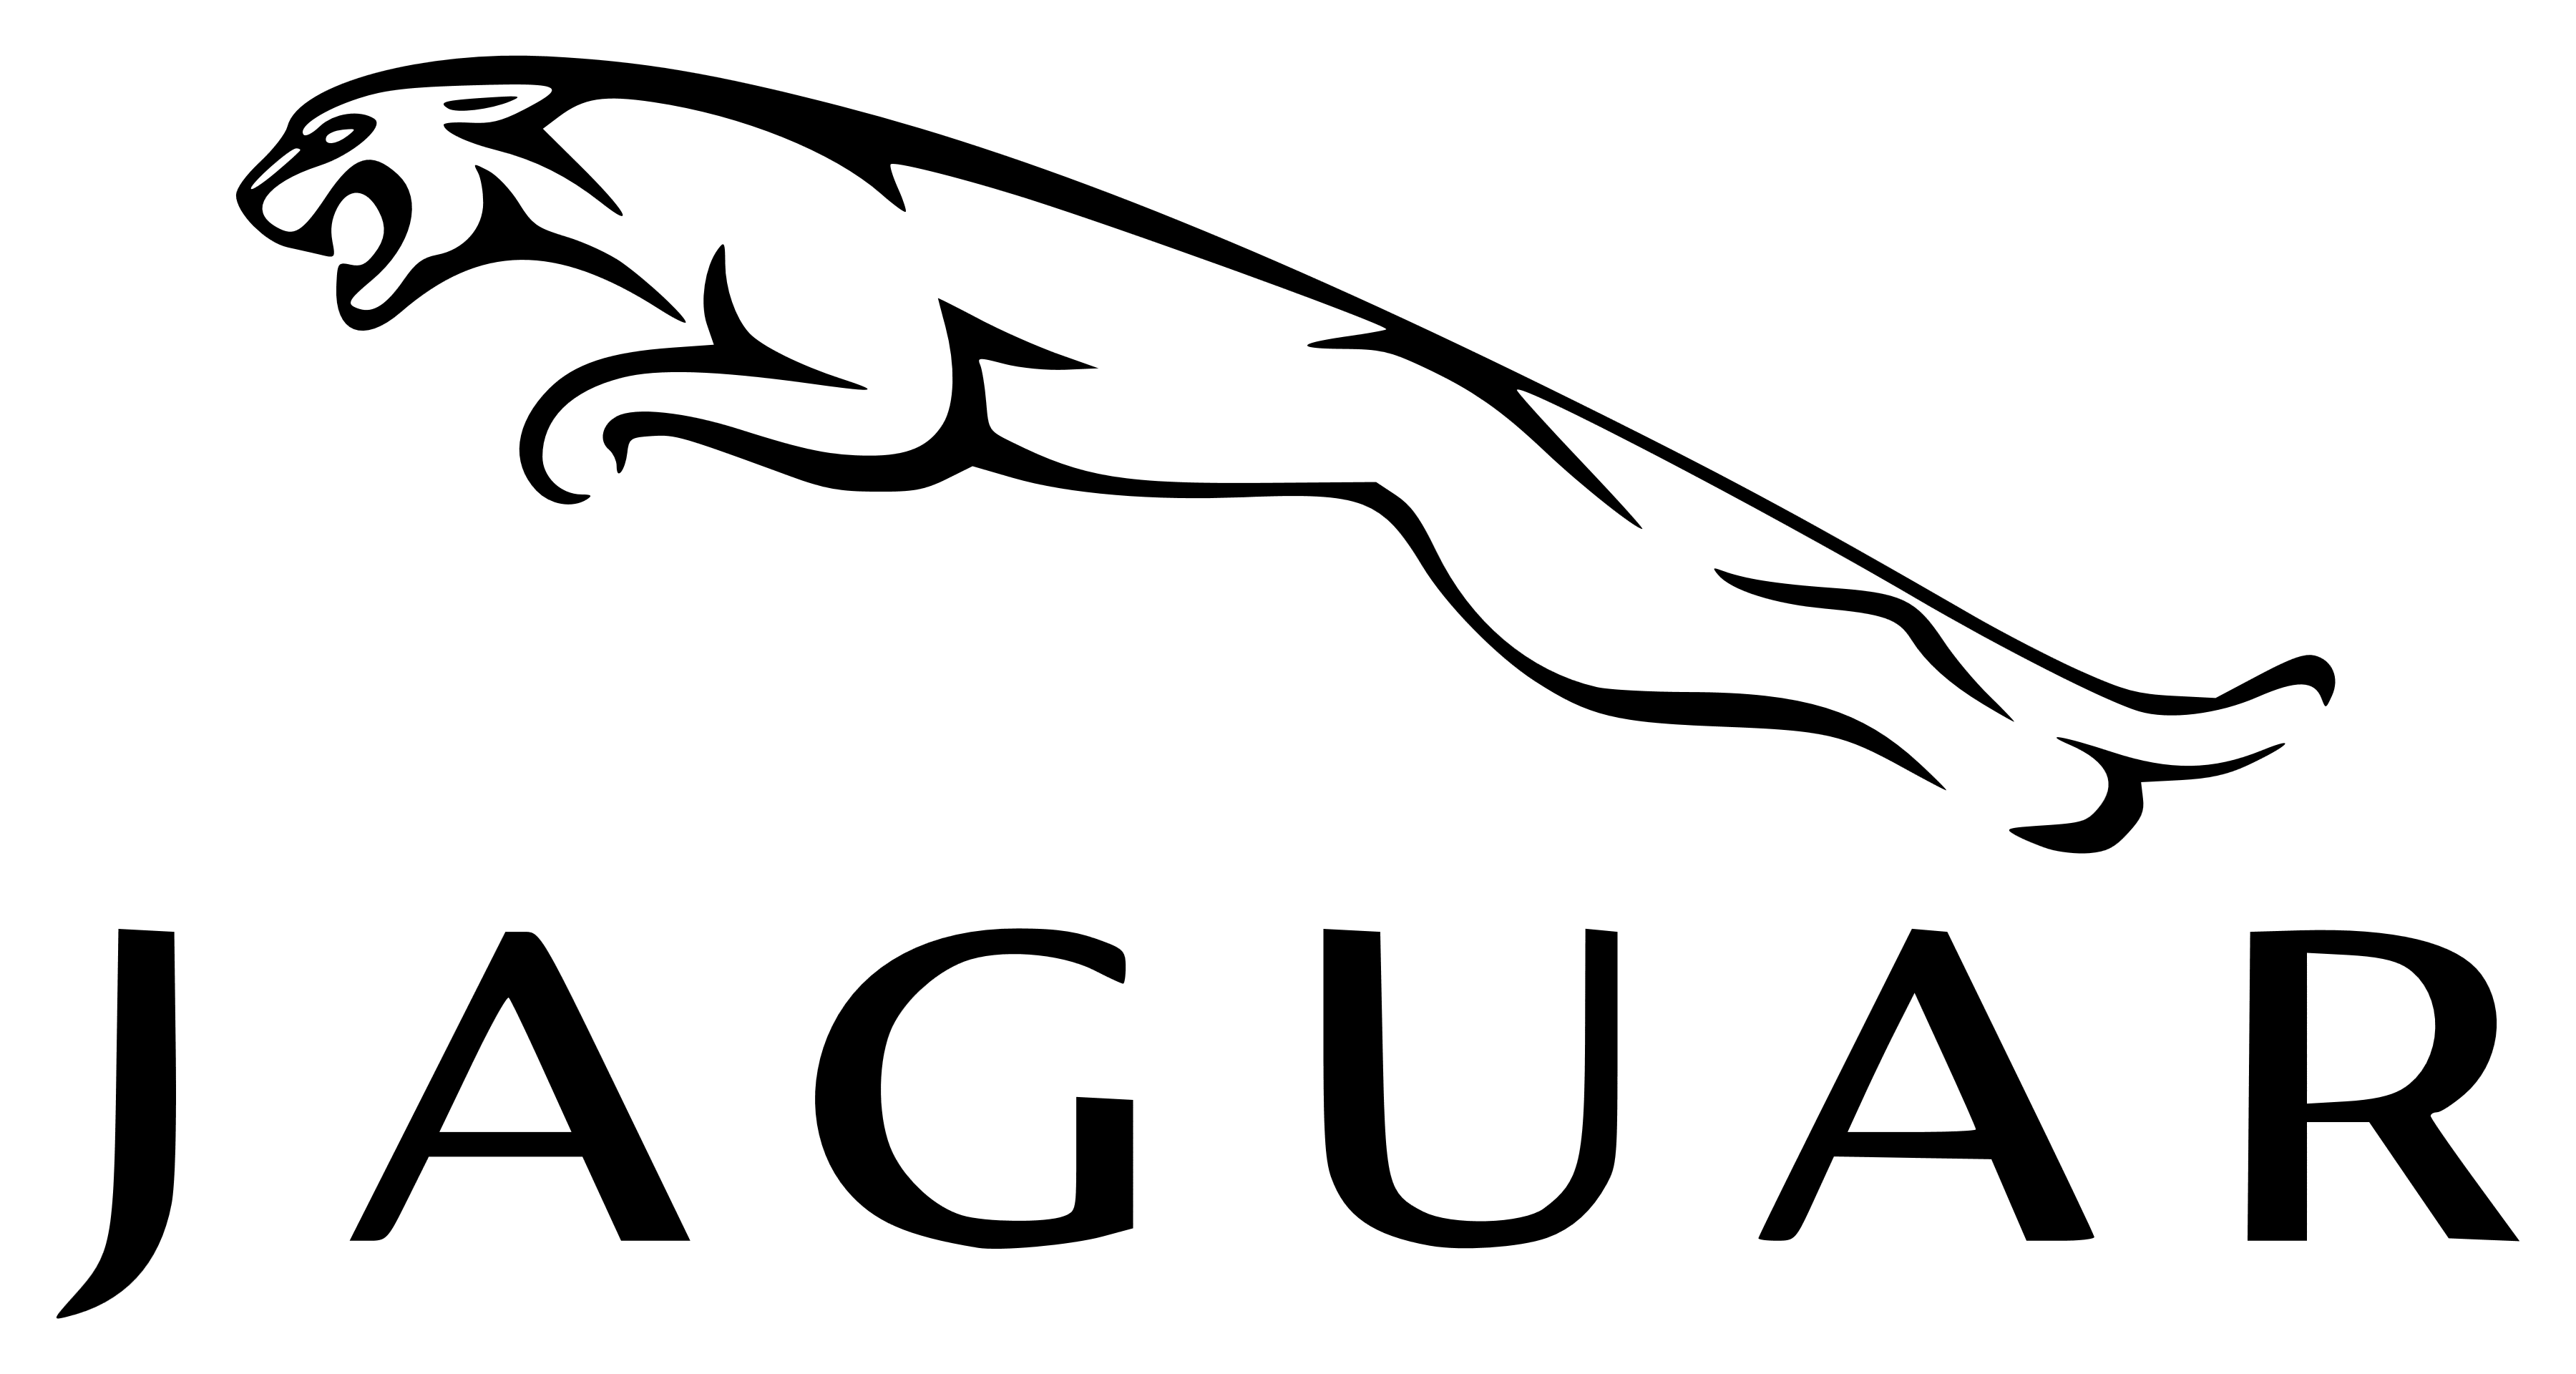 jaguar logo, transparent, png – logos download